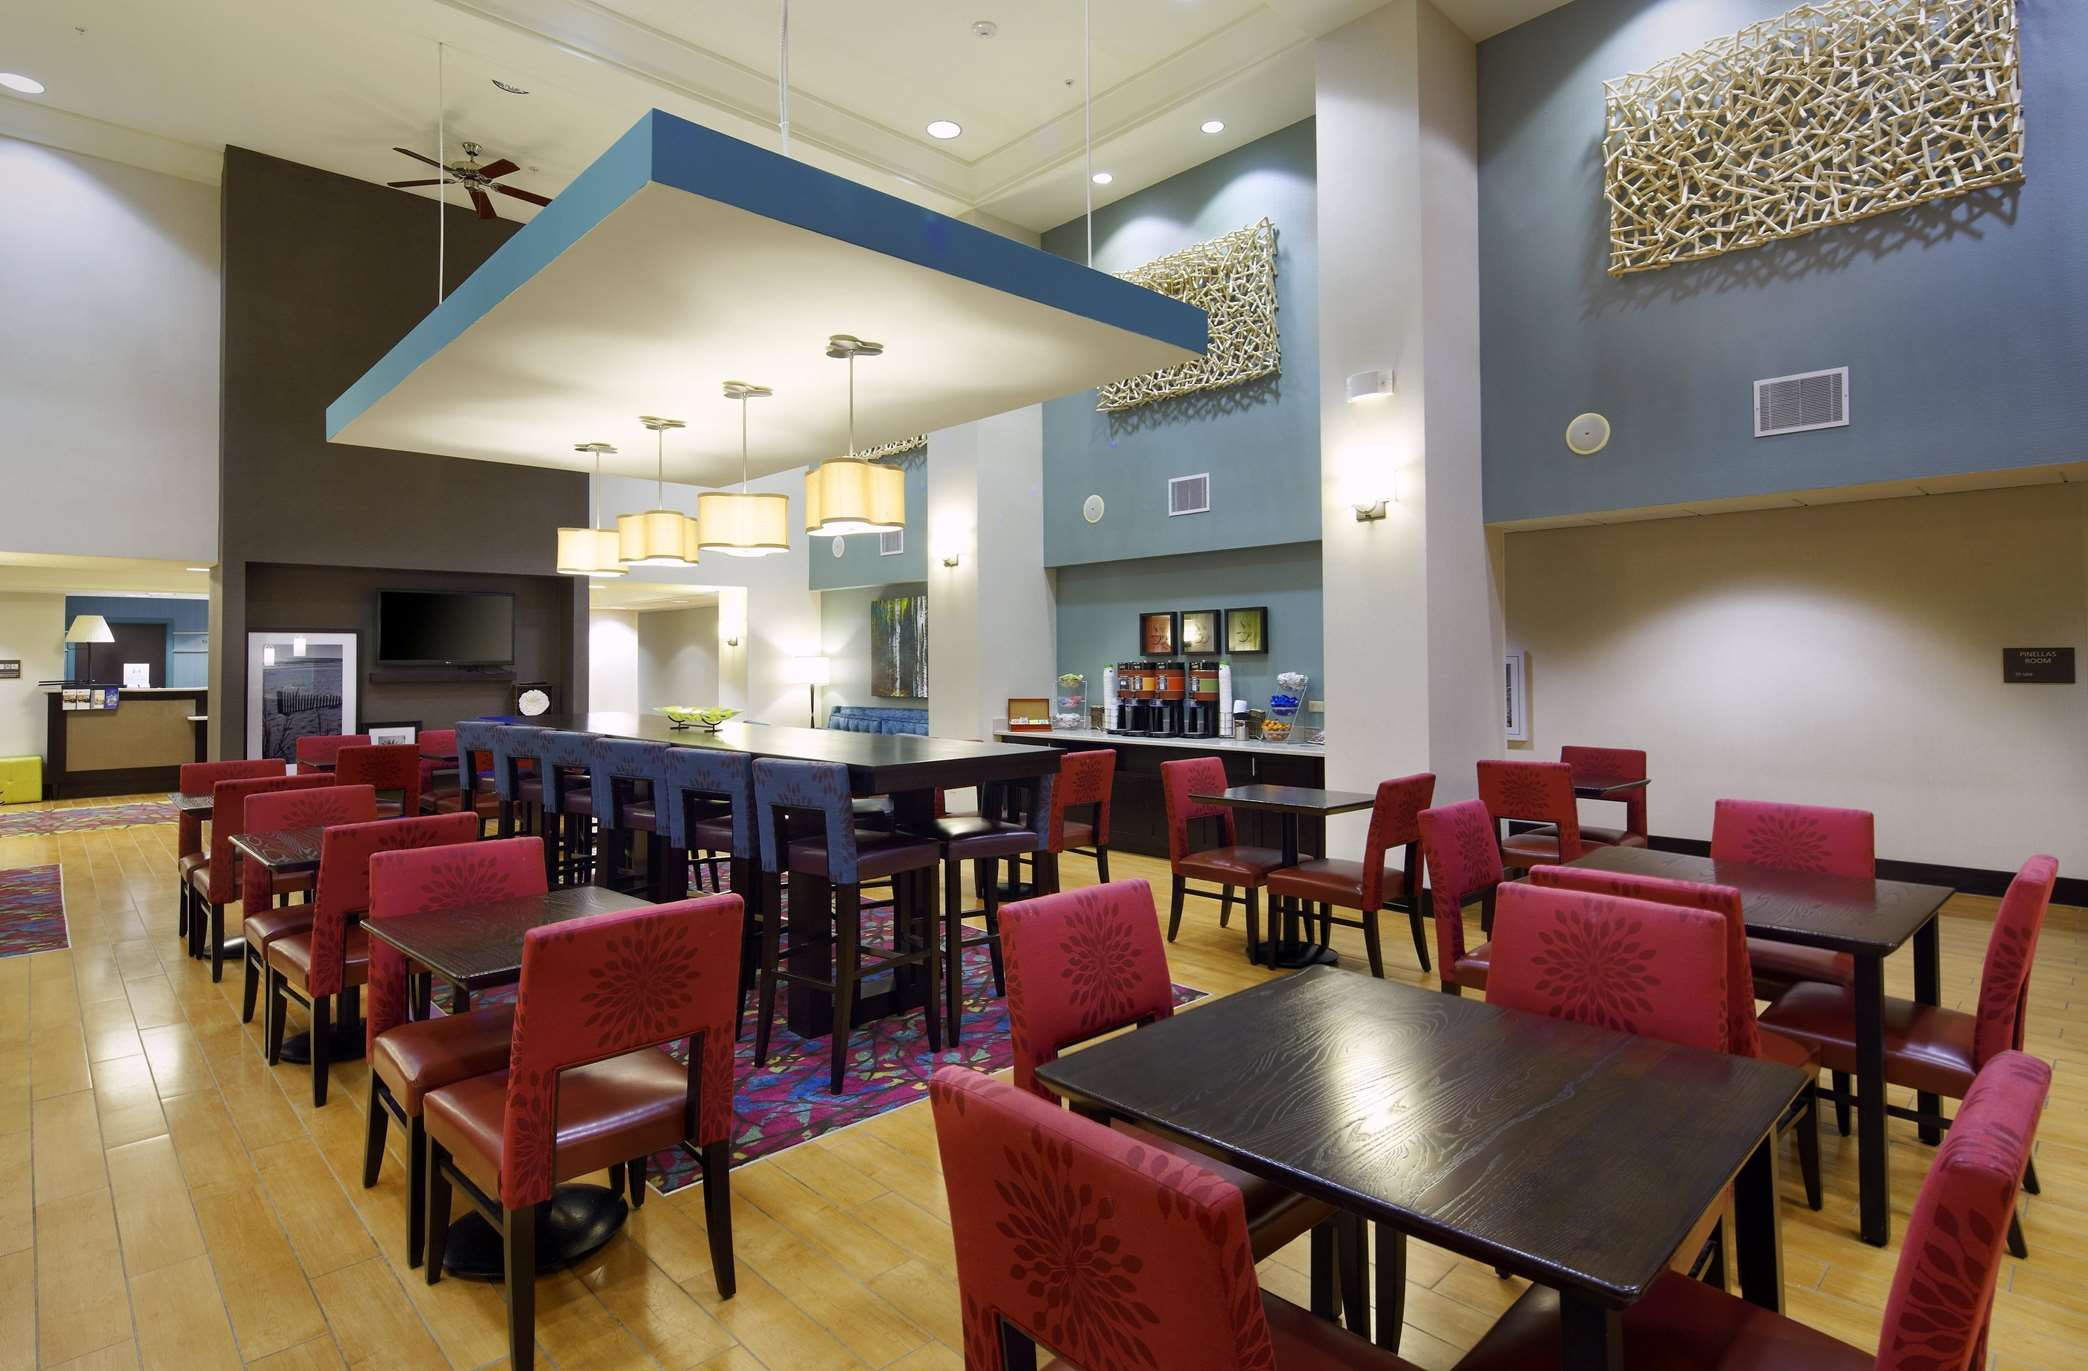 Hampton Inn & Suites Clearwater/St. Petersburg-Ulmerton Road, FL image 6